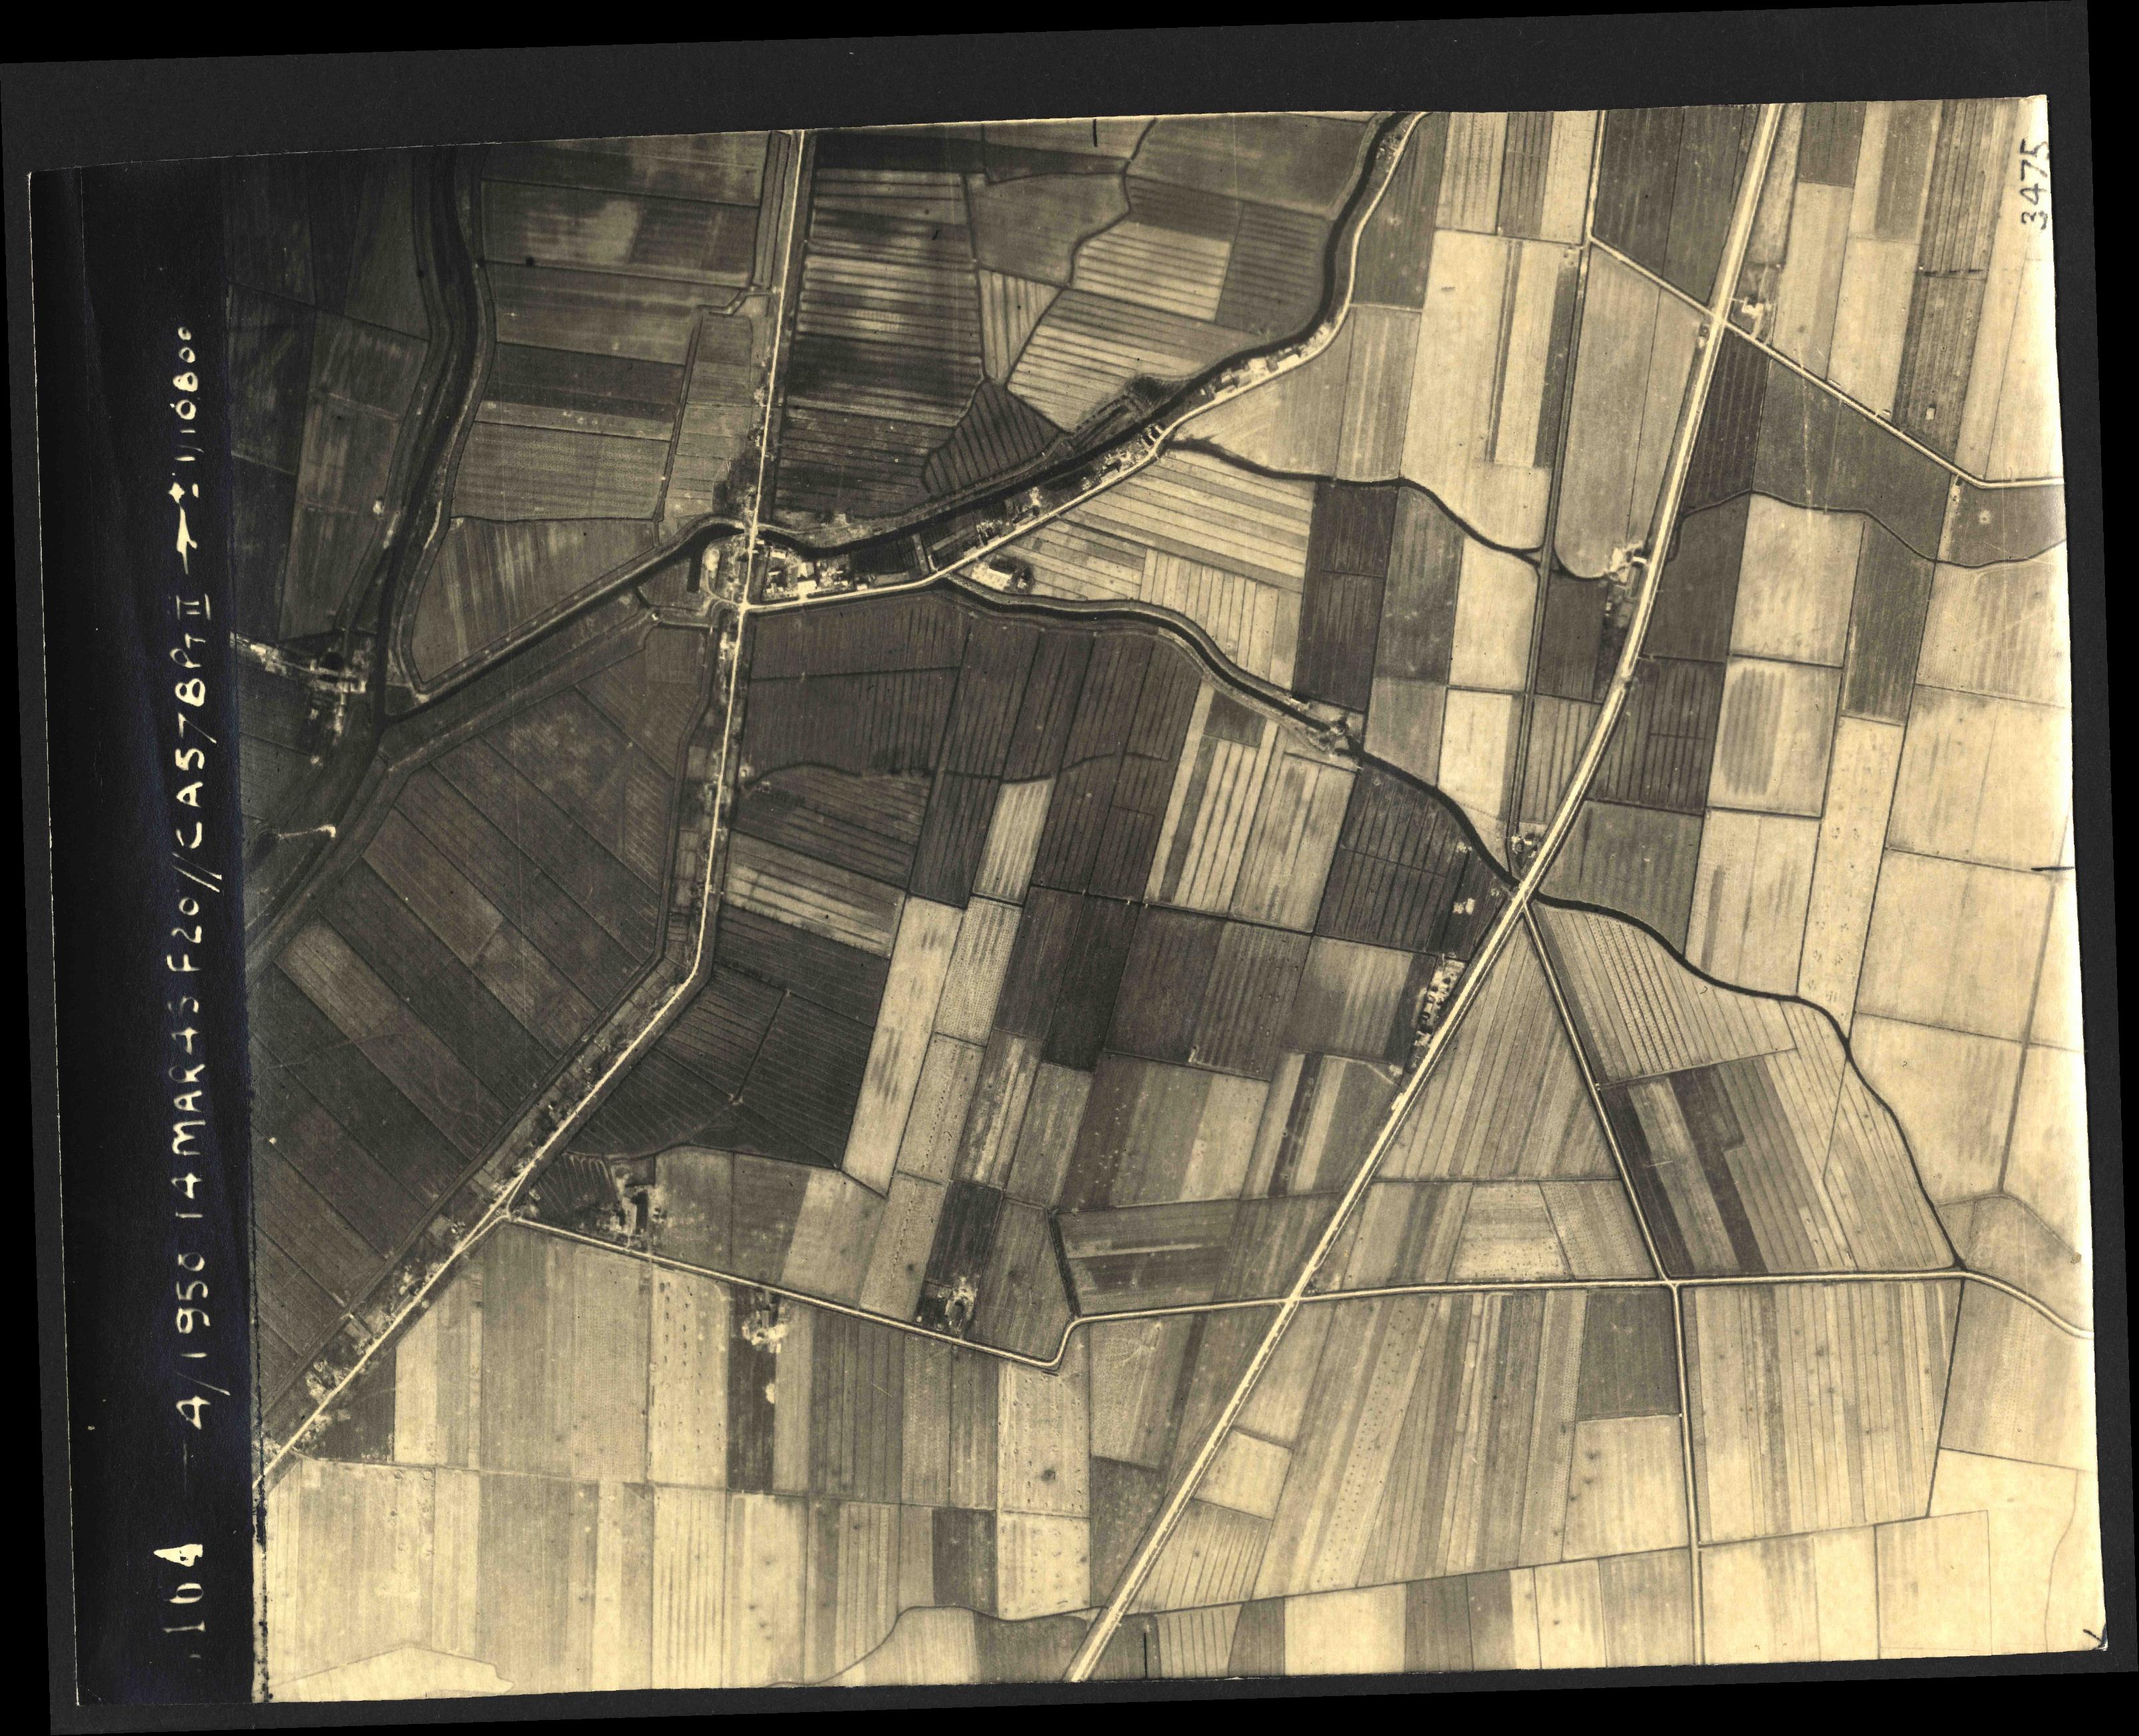 Collection RAF aerial photos 1940-1945 - flight 010, run 13, photo 3164